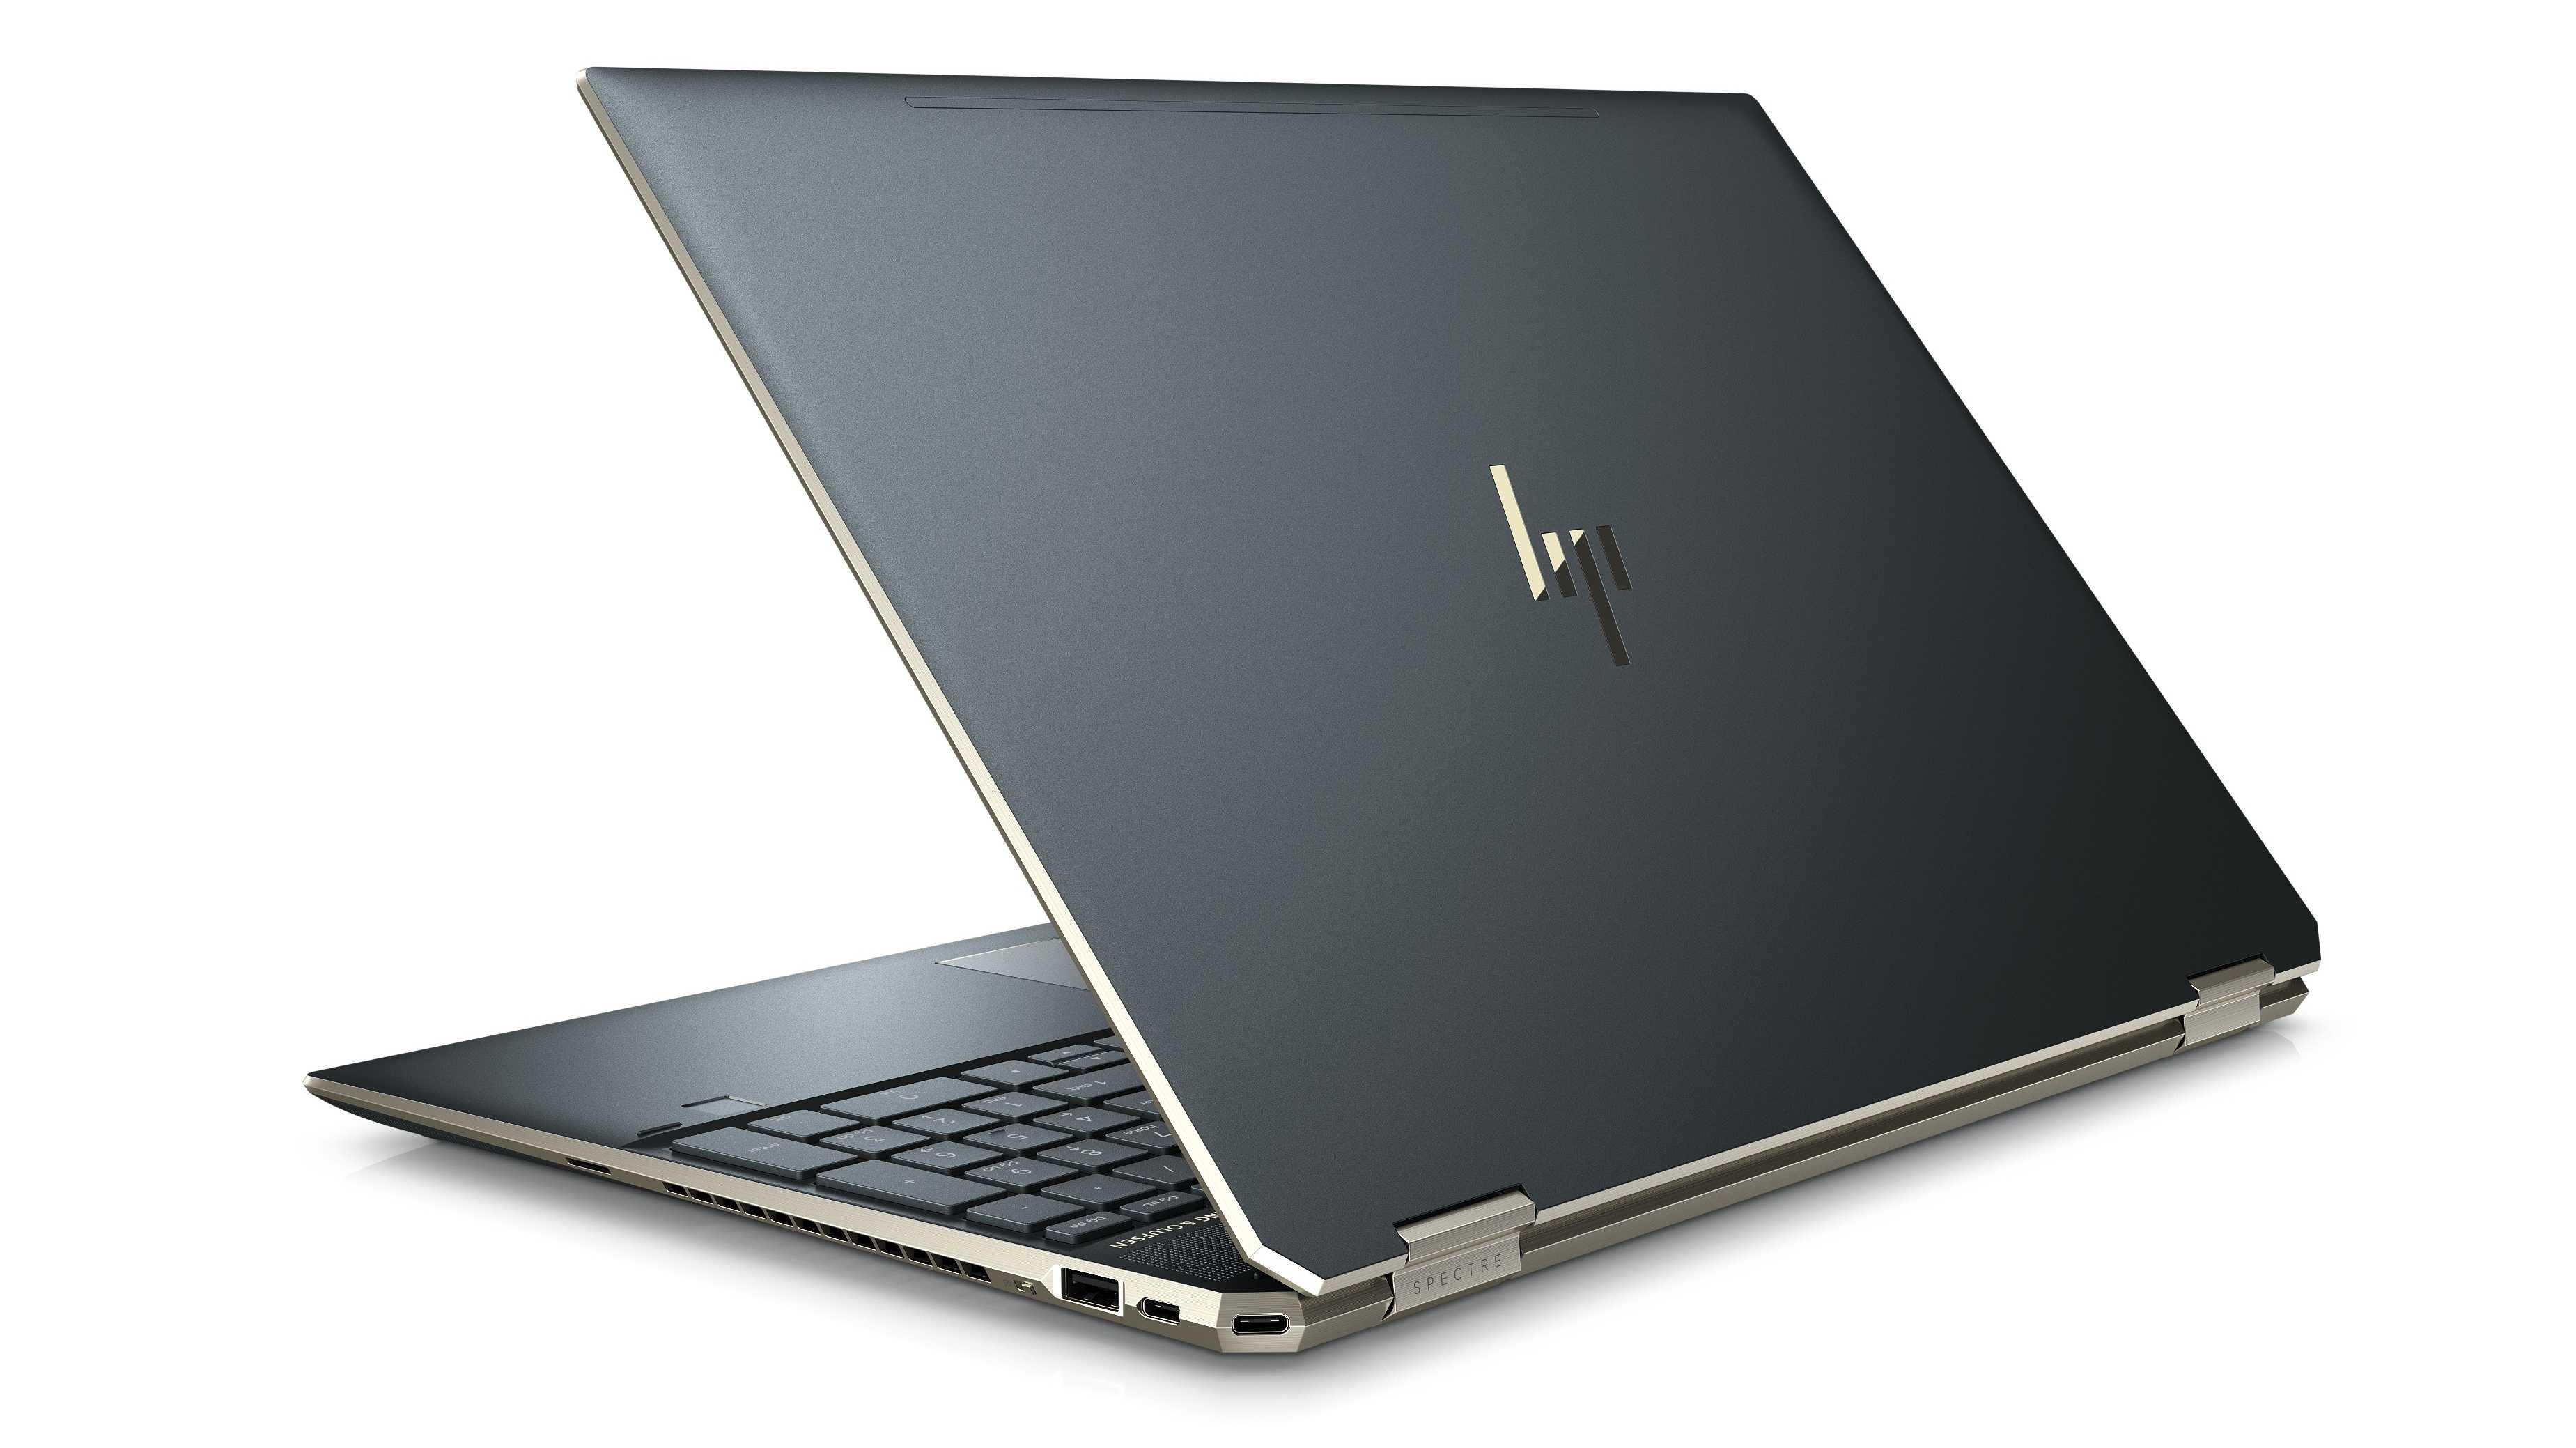 Spectre x360 15: HP bringt erstes 15,6-Zoll-Notebook mit OLED-Bildschirm